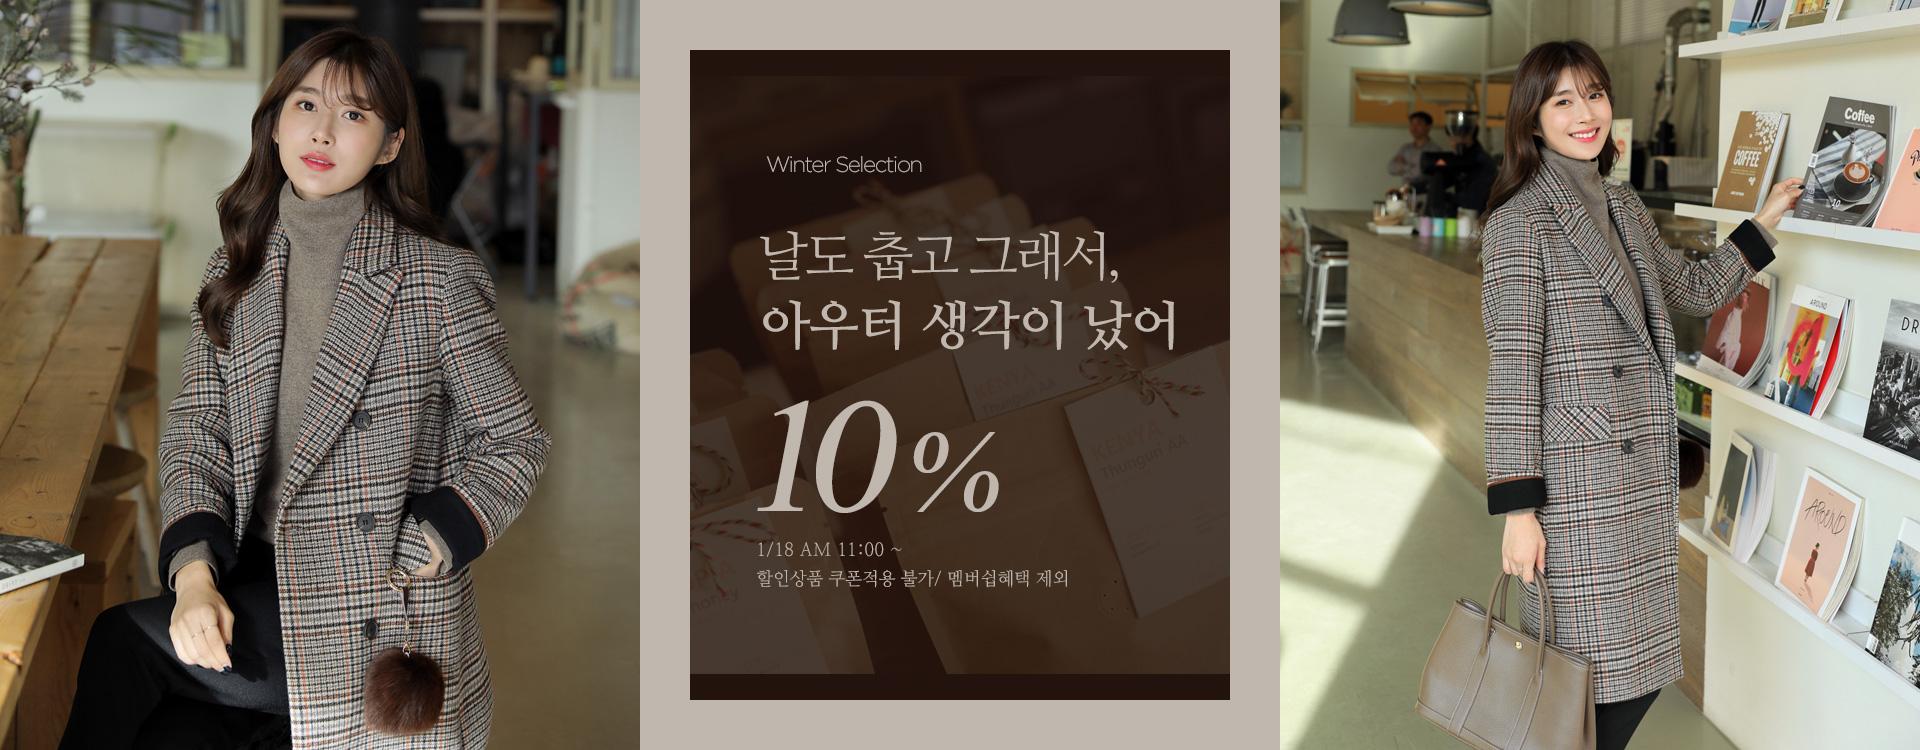 아우터 10%